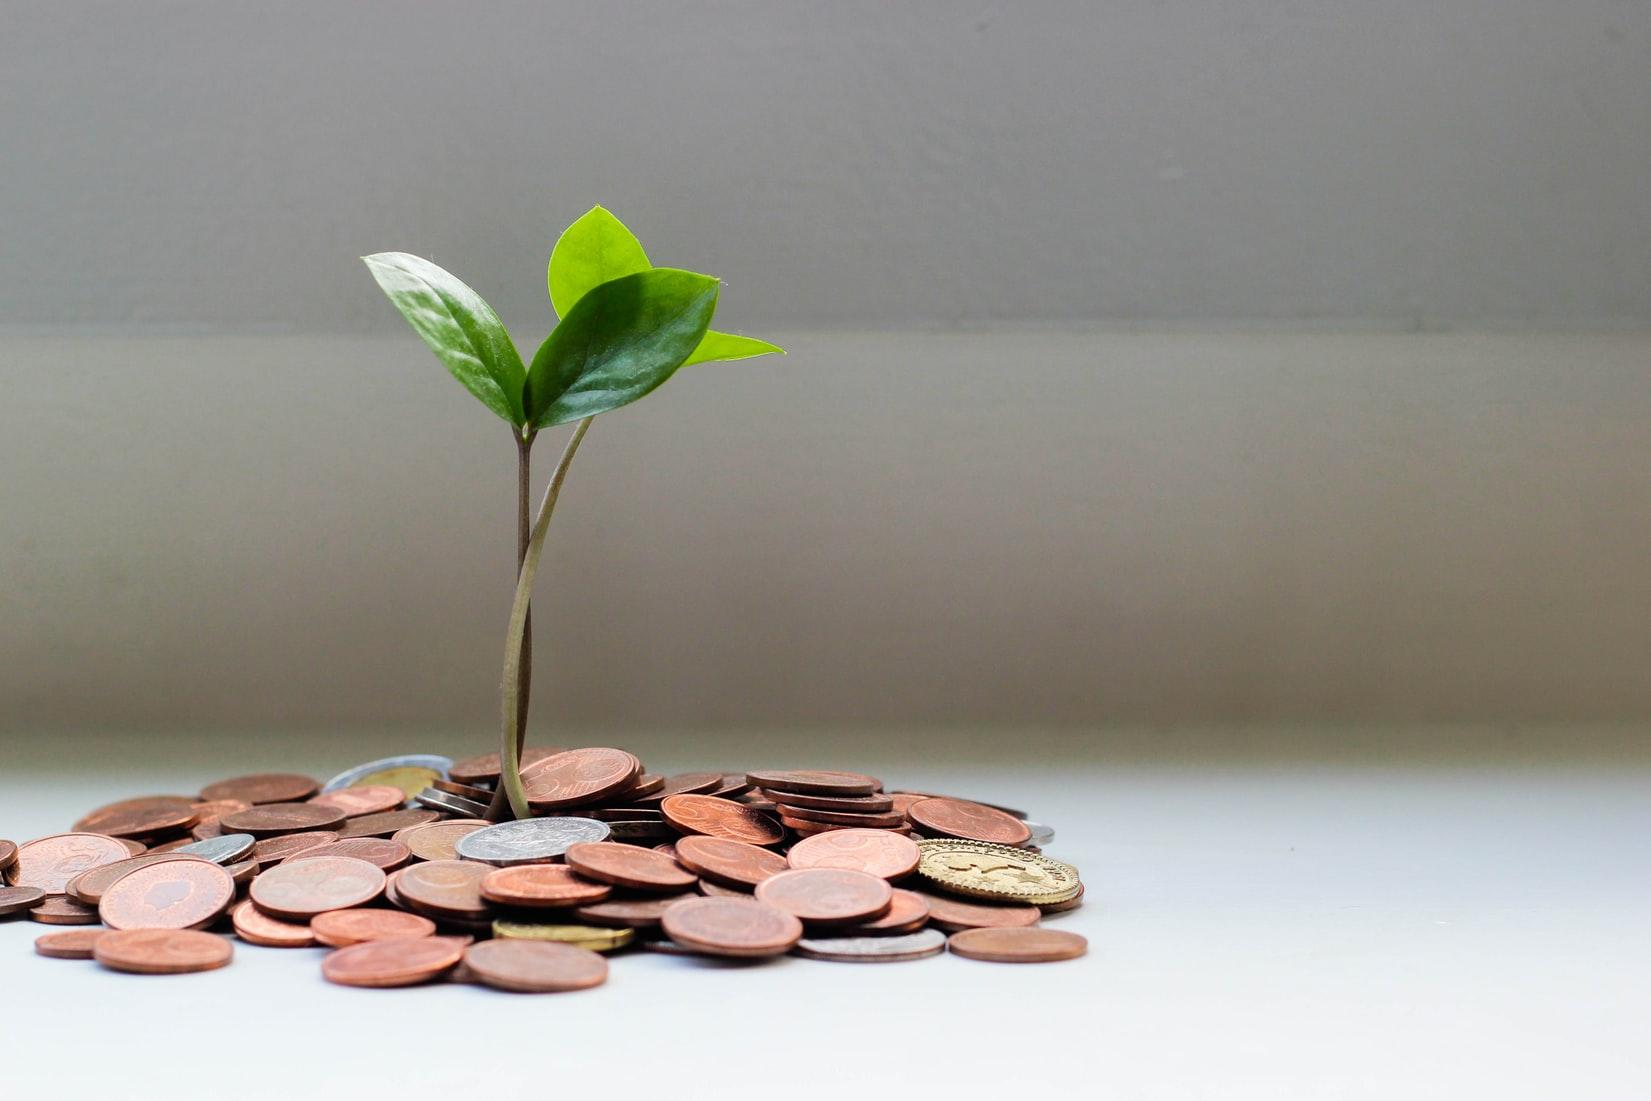 moneygrowing